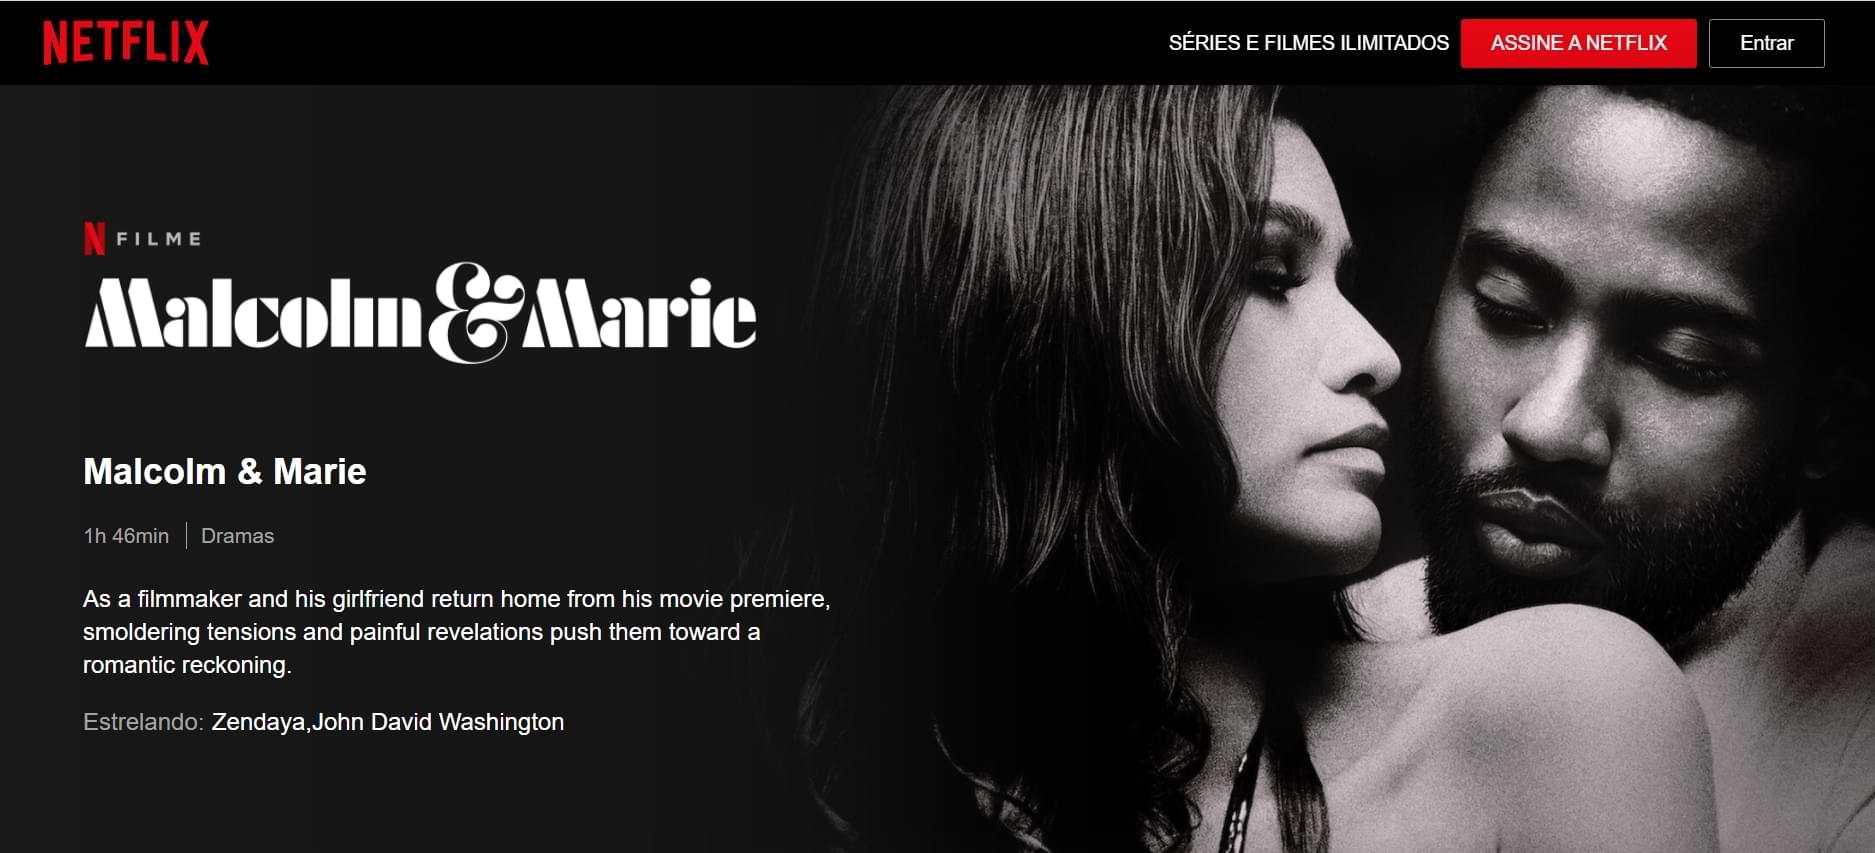 Imagem da página do filme na Netflix